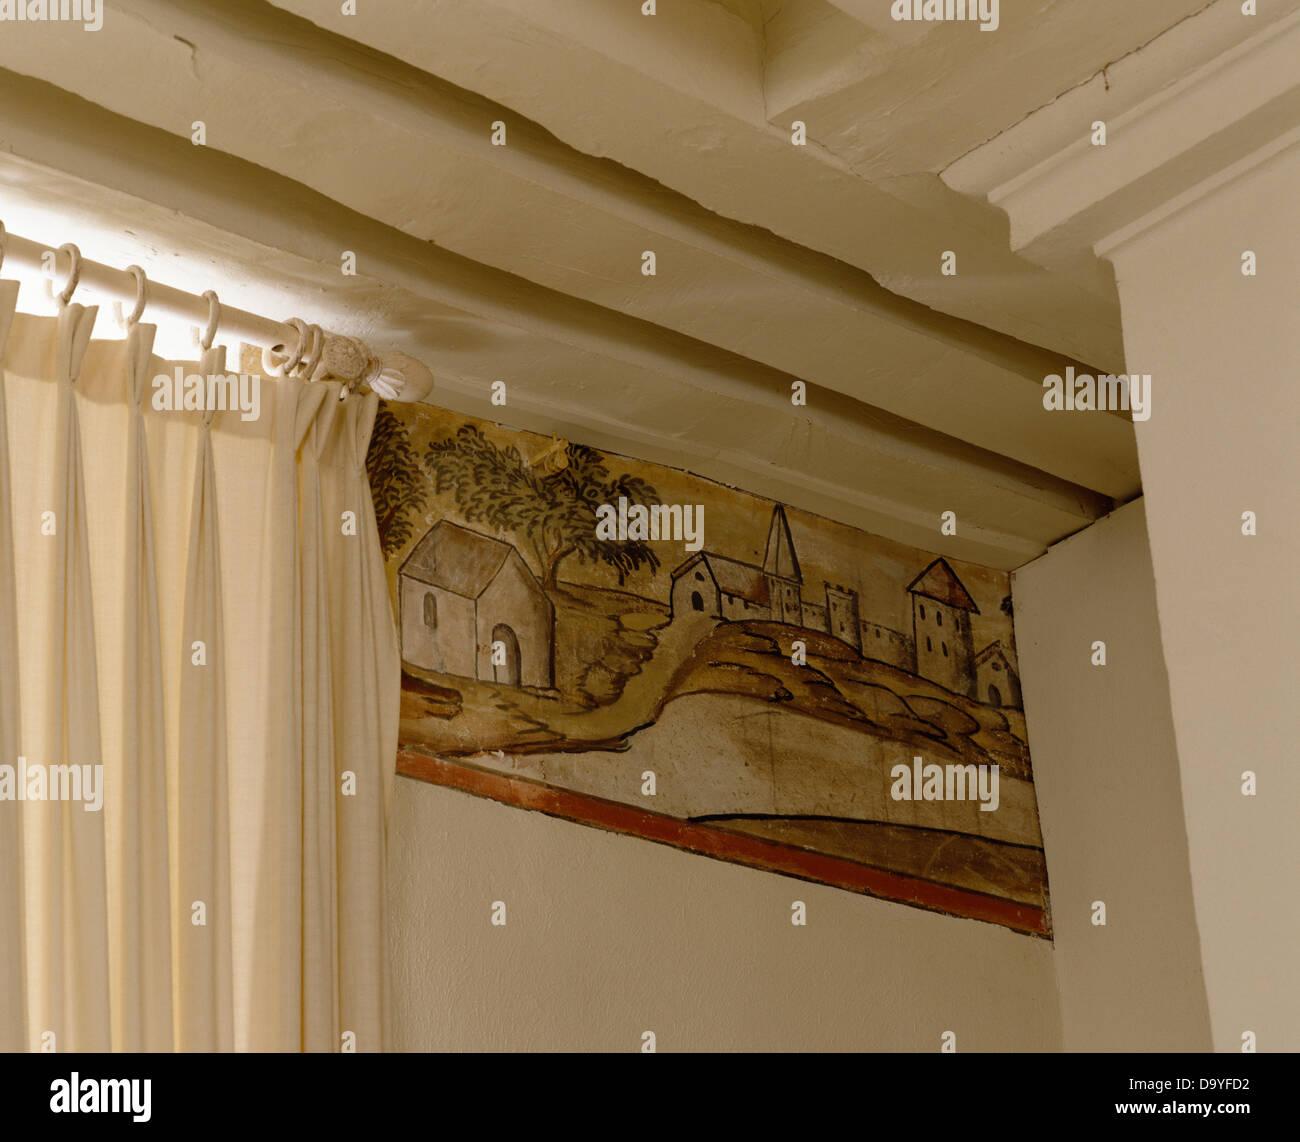 Nahaufnahme Des Gemalten Ländliches Motiv An Wand Im Ferienhaus Schlafzimmer  Mit Weißen Bemalten Balken Und Weißen Vorhang